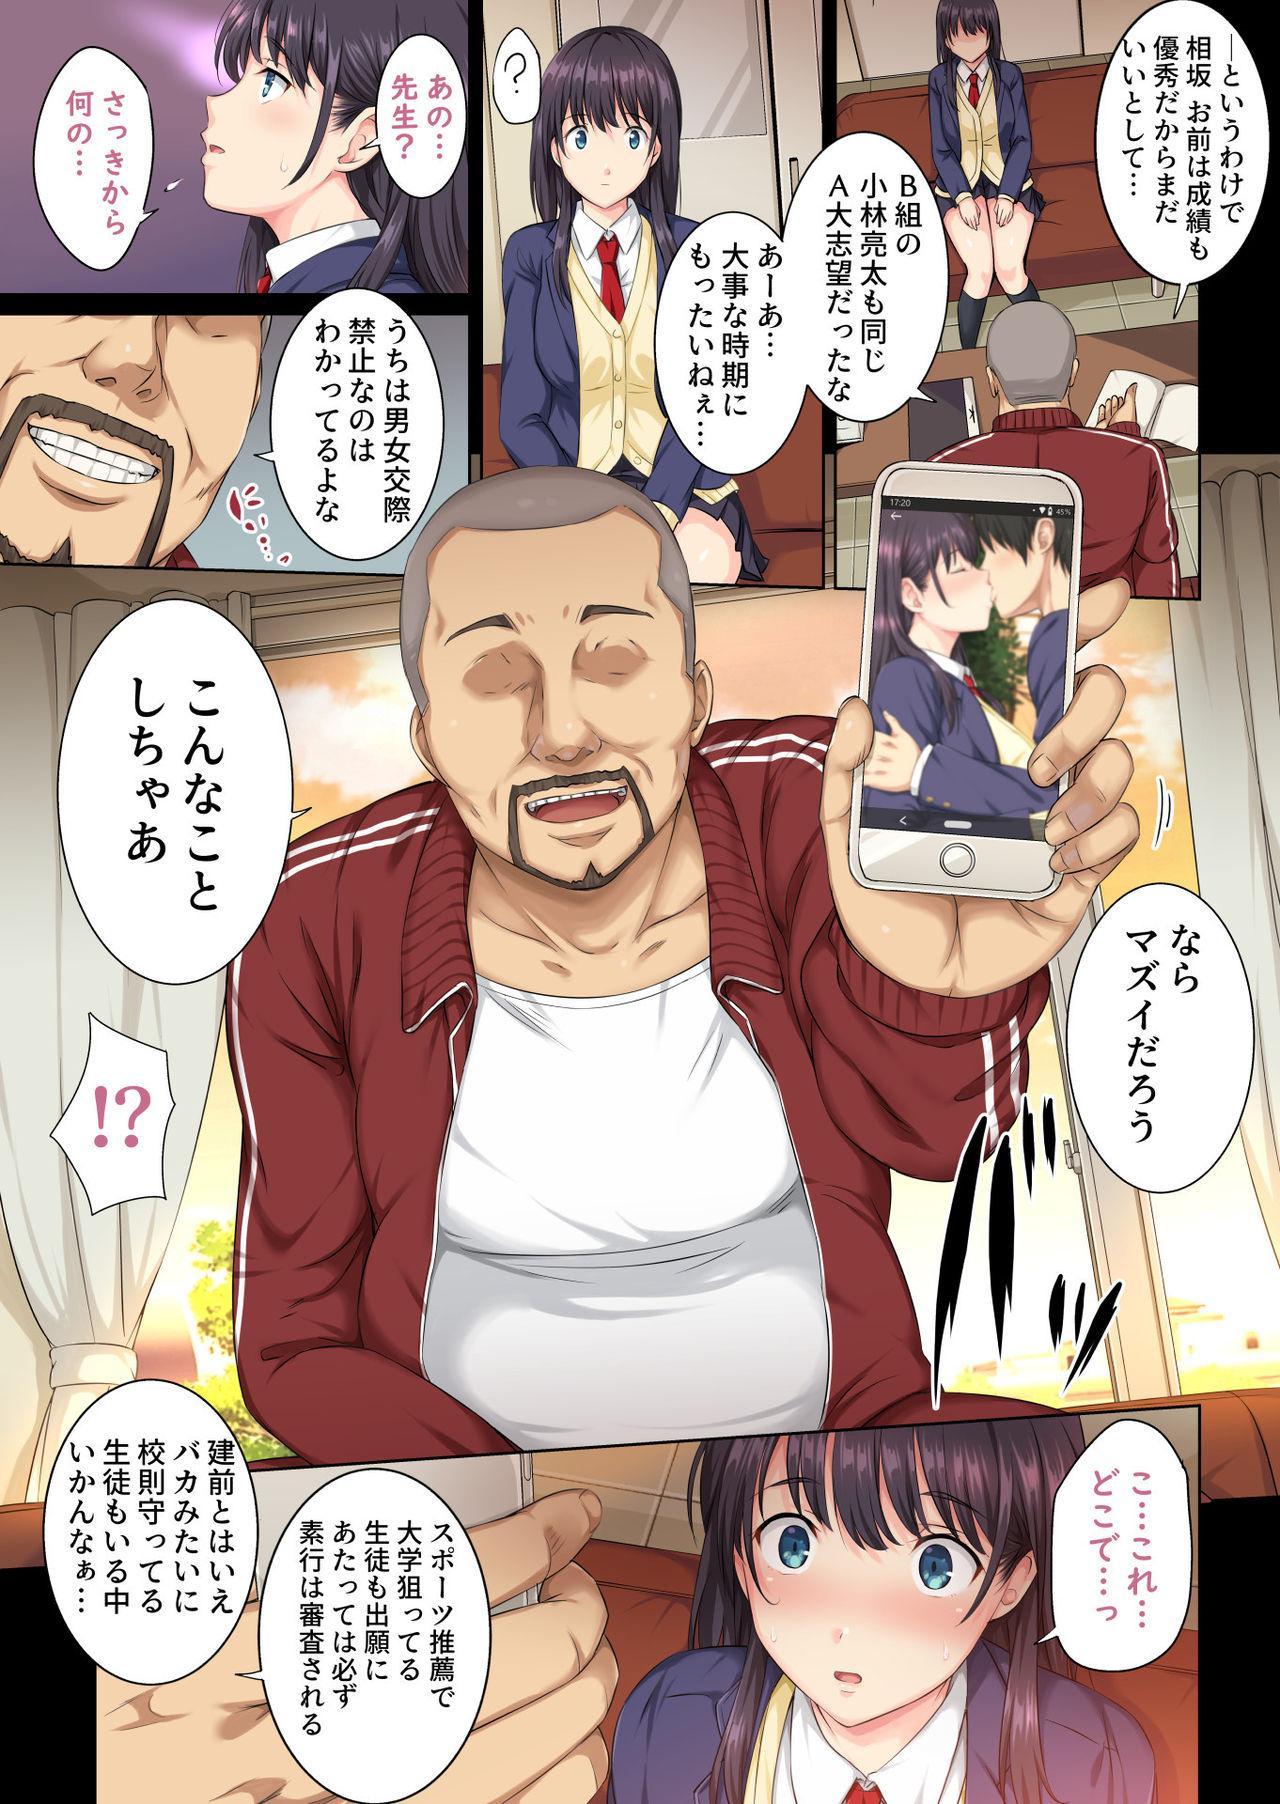 Soshite Watashi wa Kyou mo Ano Otoko ni Taberareru 7